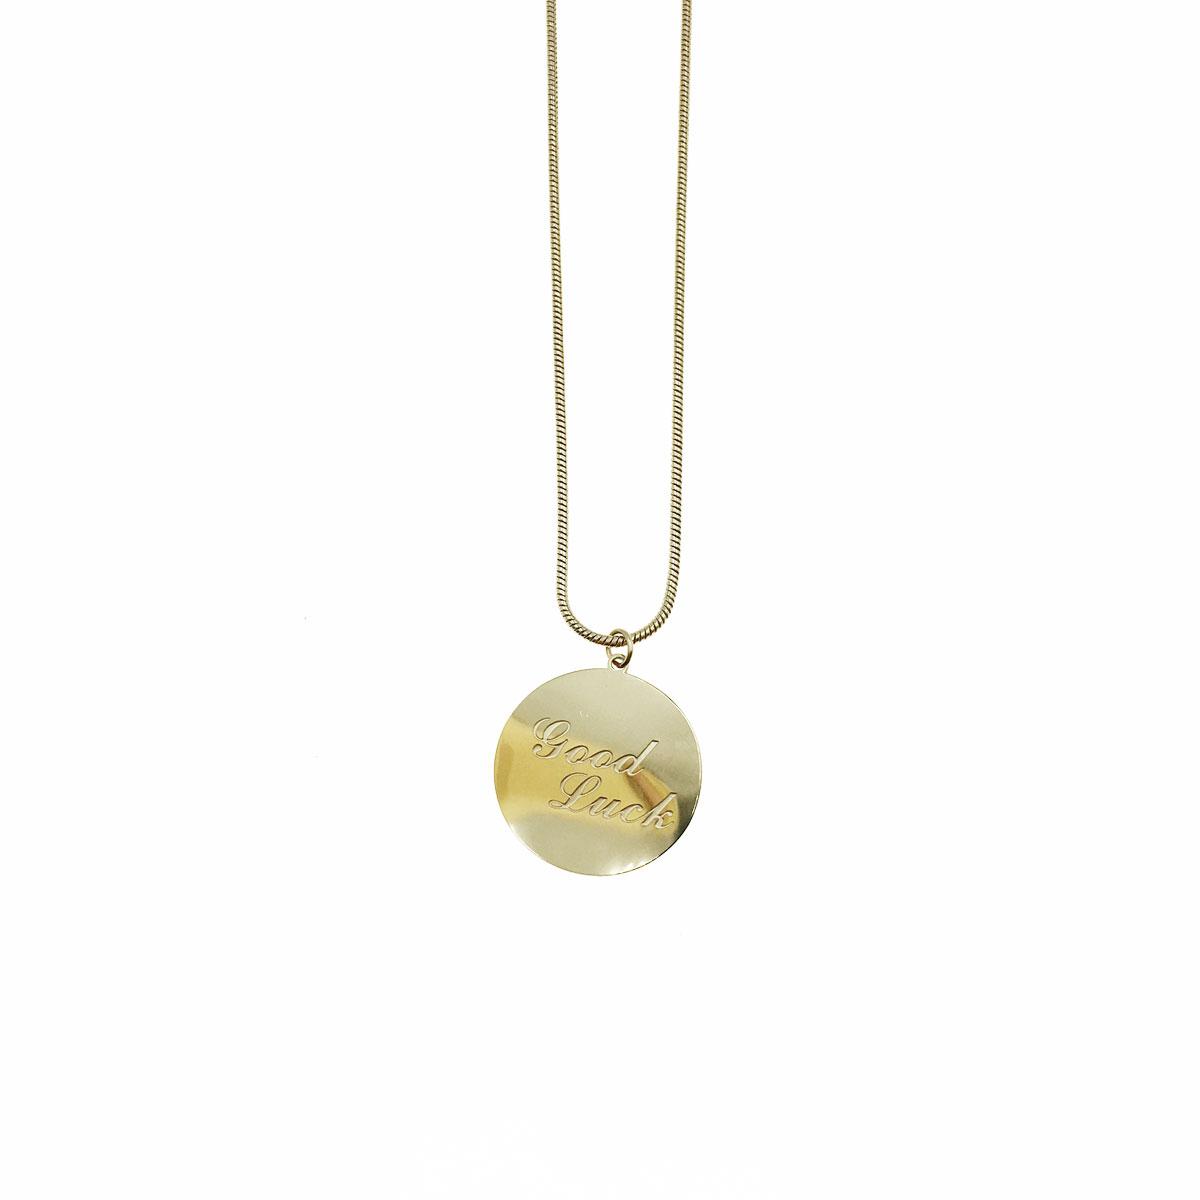 韓國 不銹鋼 金屬感 英文 圓 鎖骨鍊 短鍊 項鍊 飾品